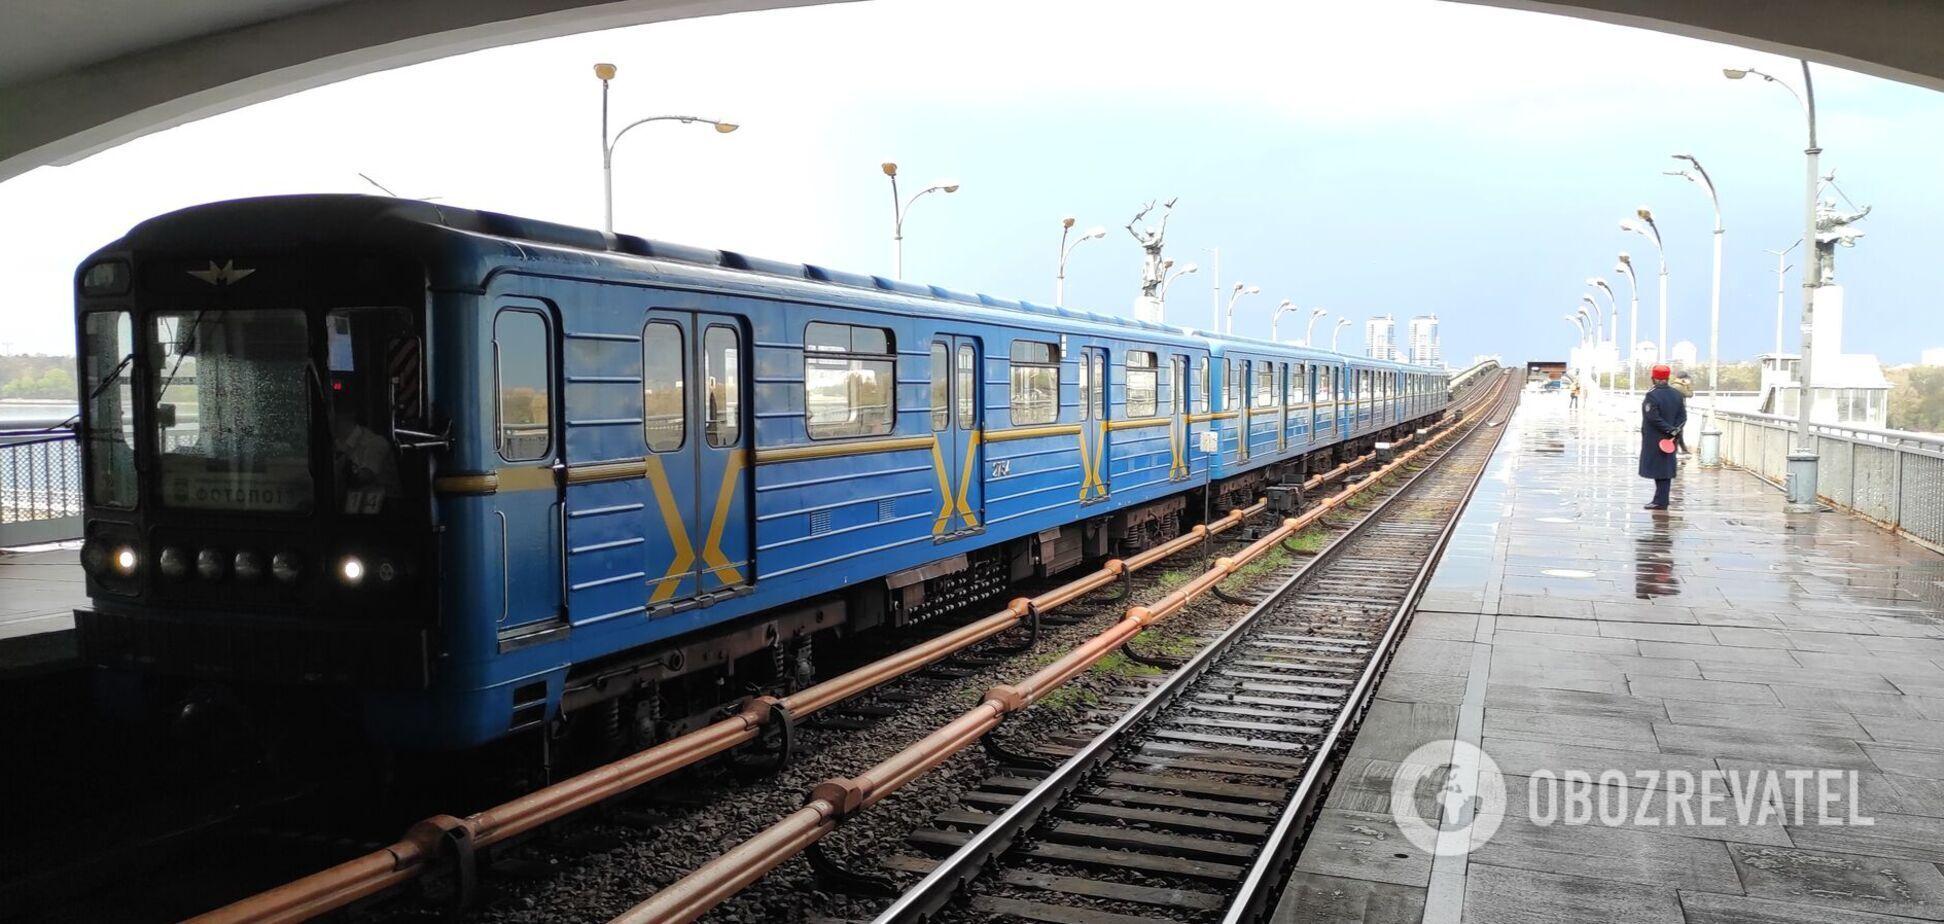 Проїзд подорожчає в усіх видах громадського транспорту.